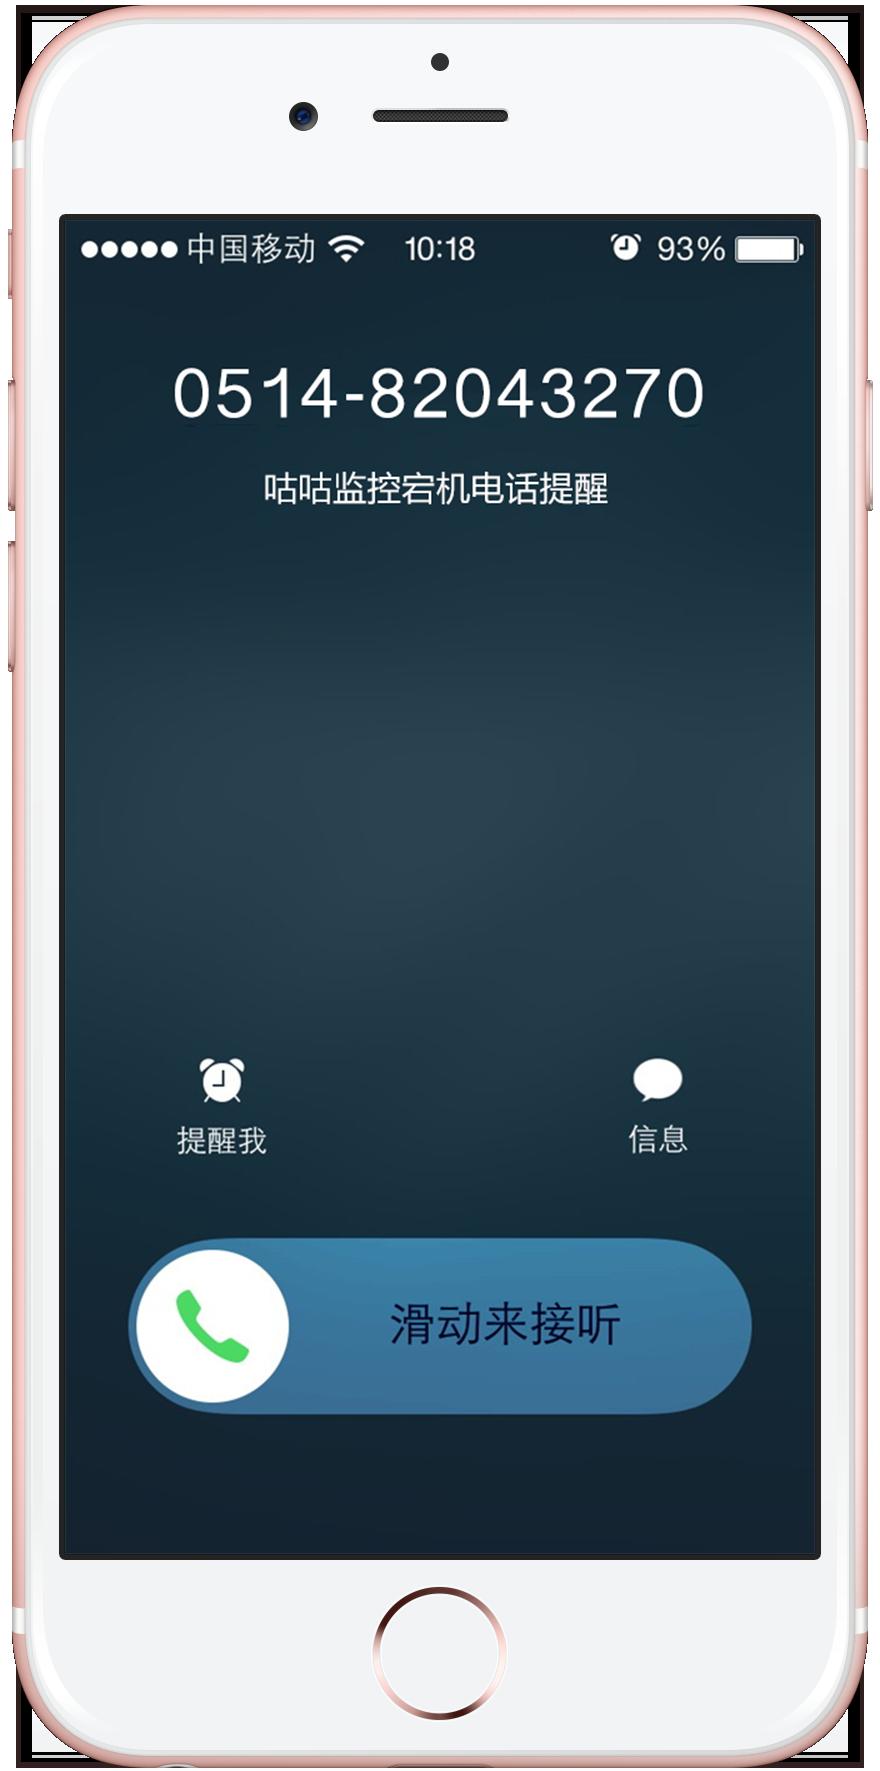 电话语音提醒